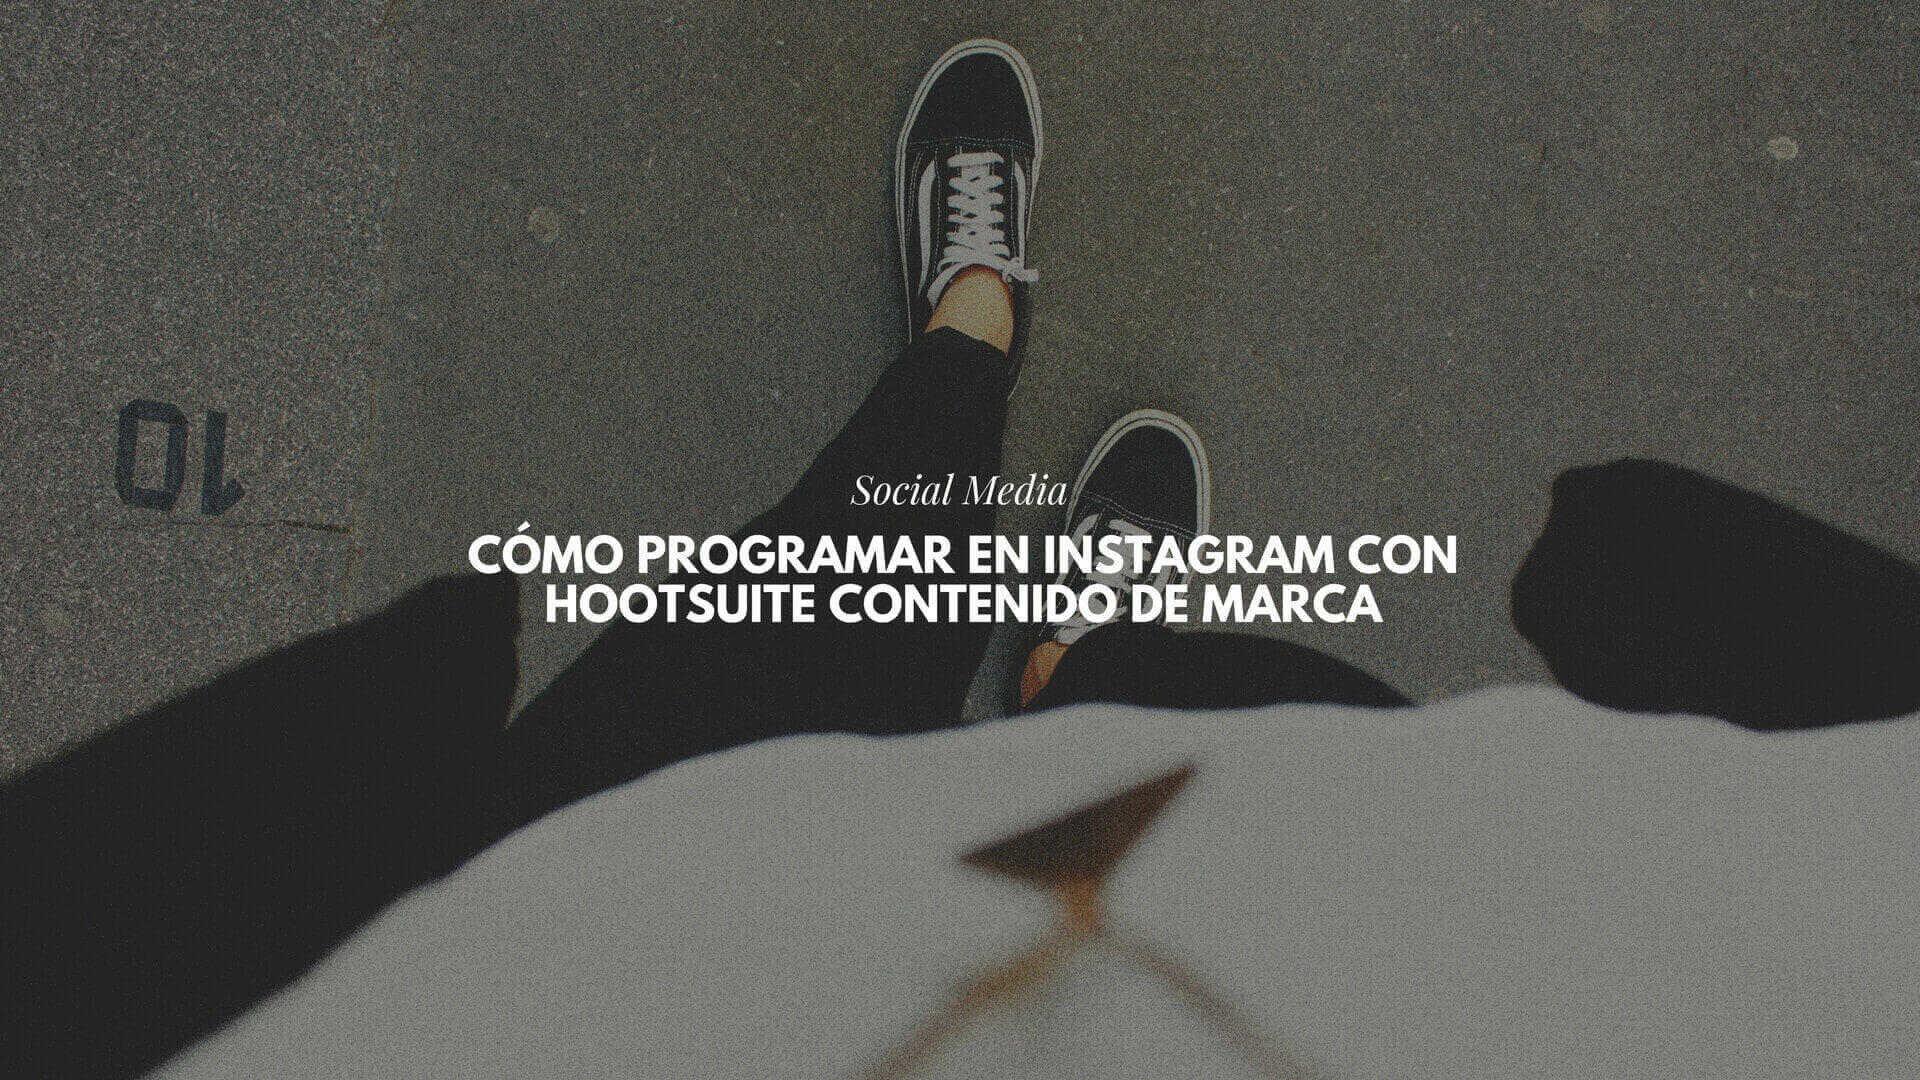 Cómo programar en Instagram con Hootsuite contenido de marca